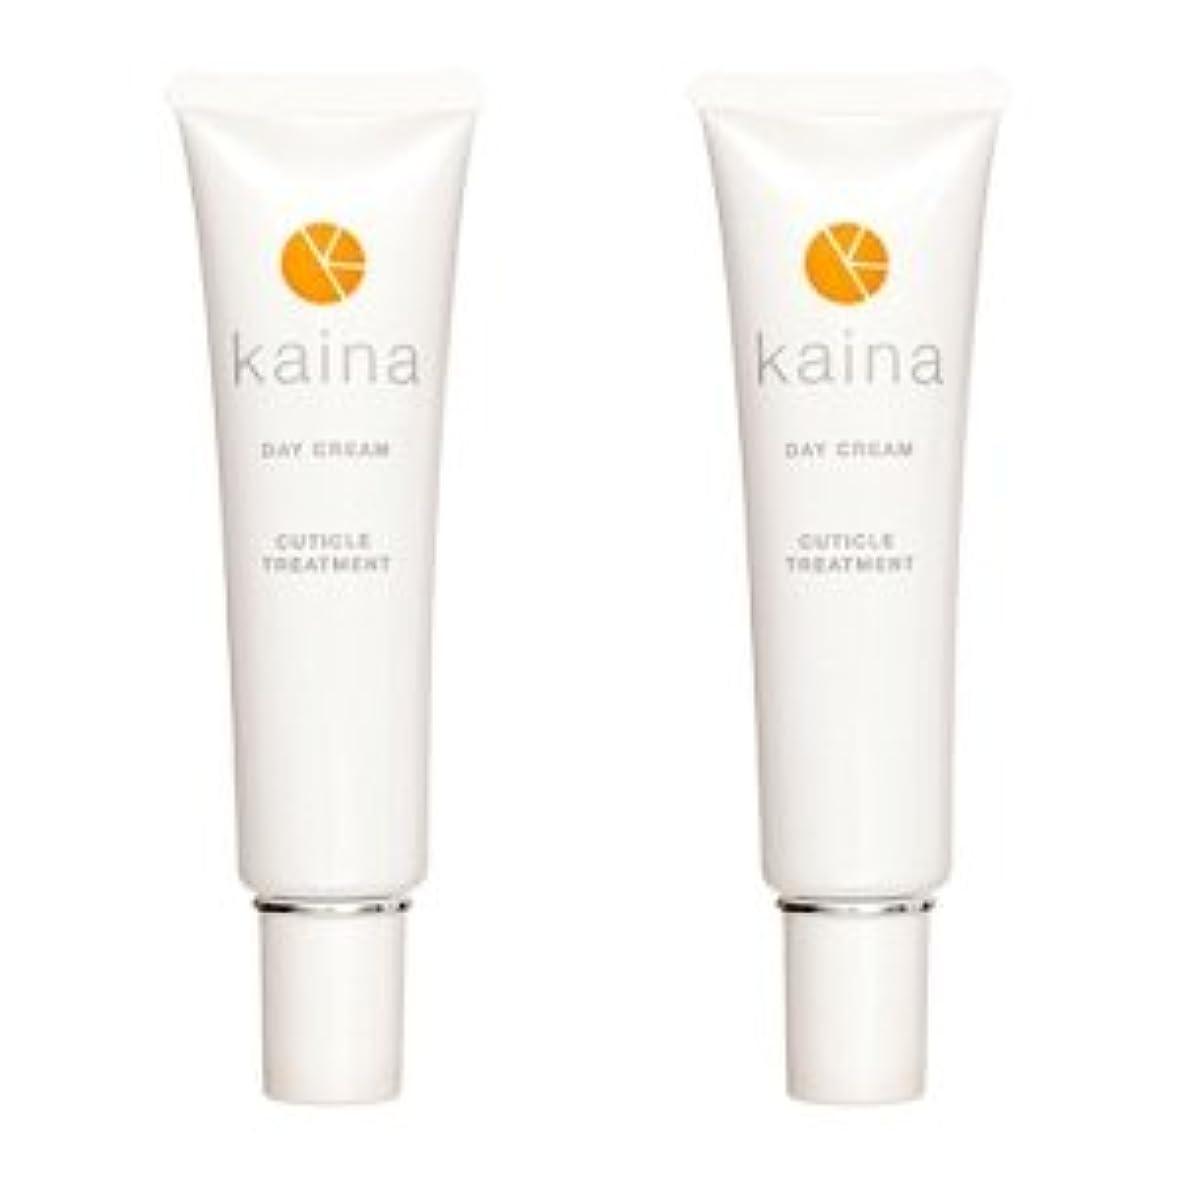 【2本セット】kaina BNK-001 デイクリーム 爪用保湿クリーム 毎日のツメのケアに